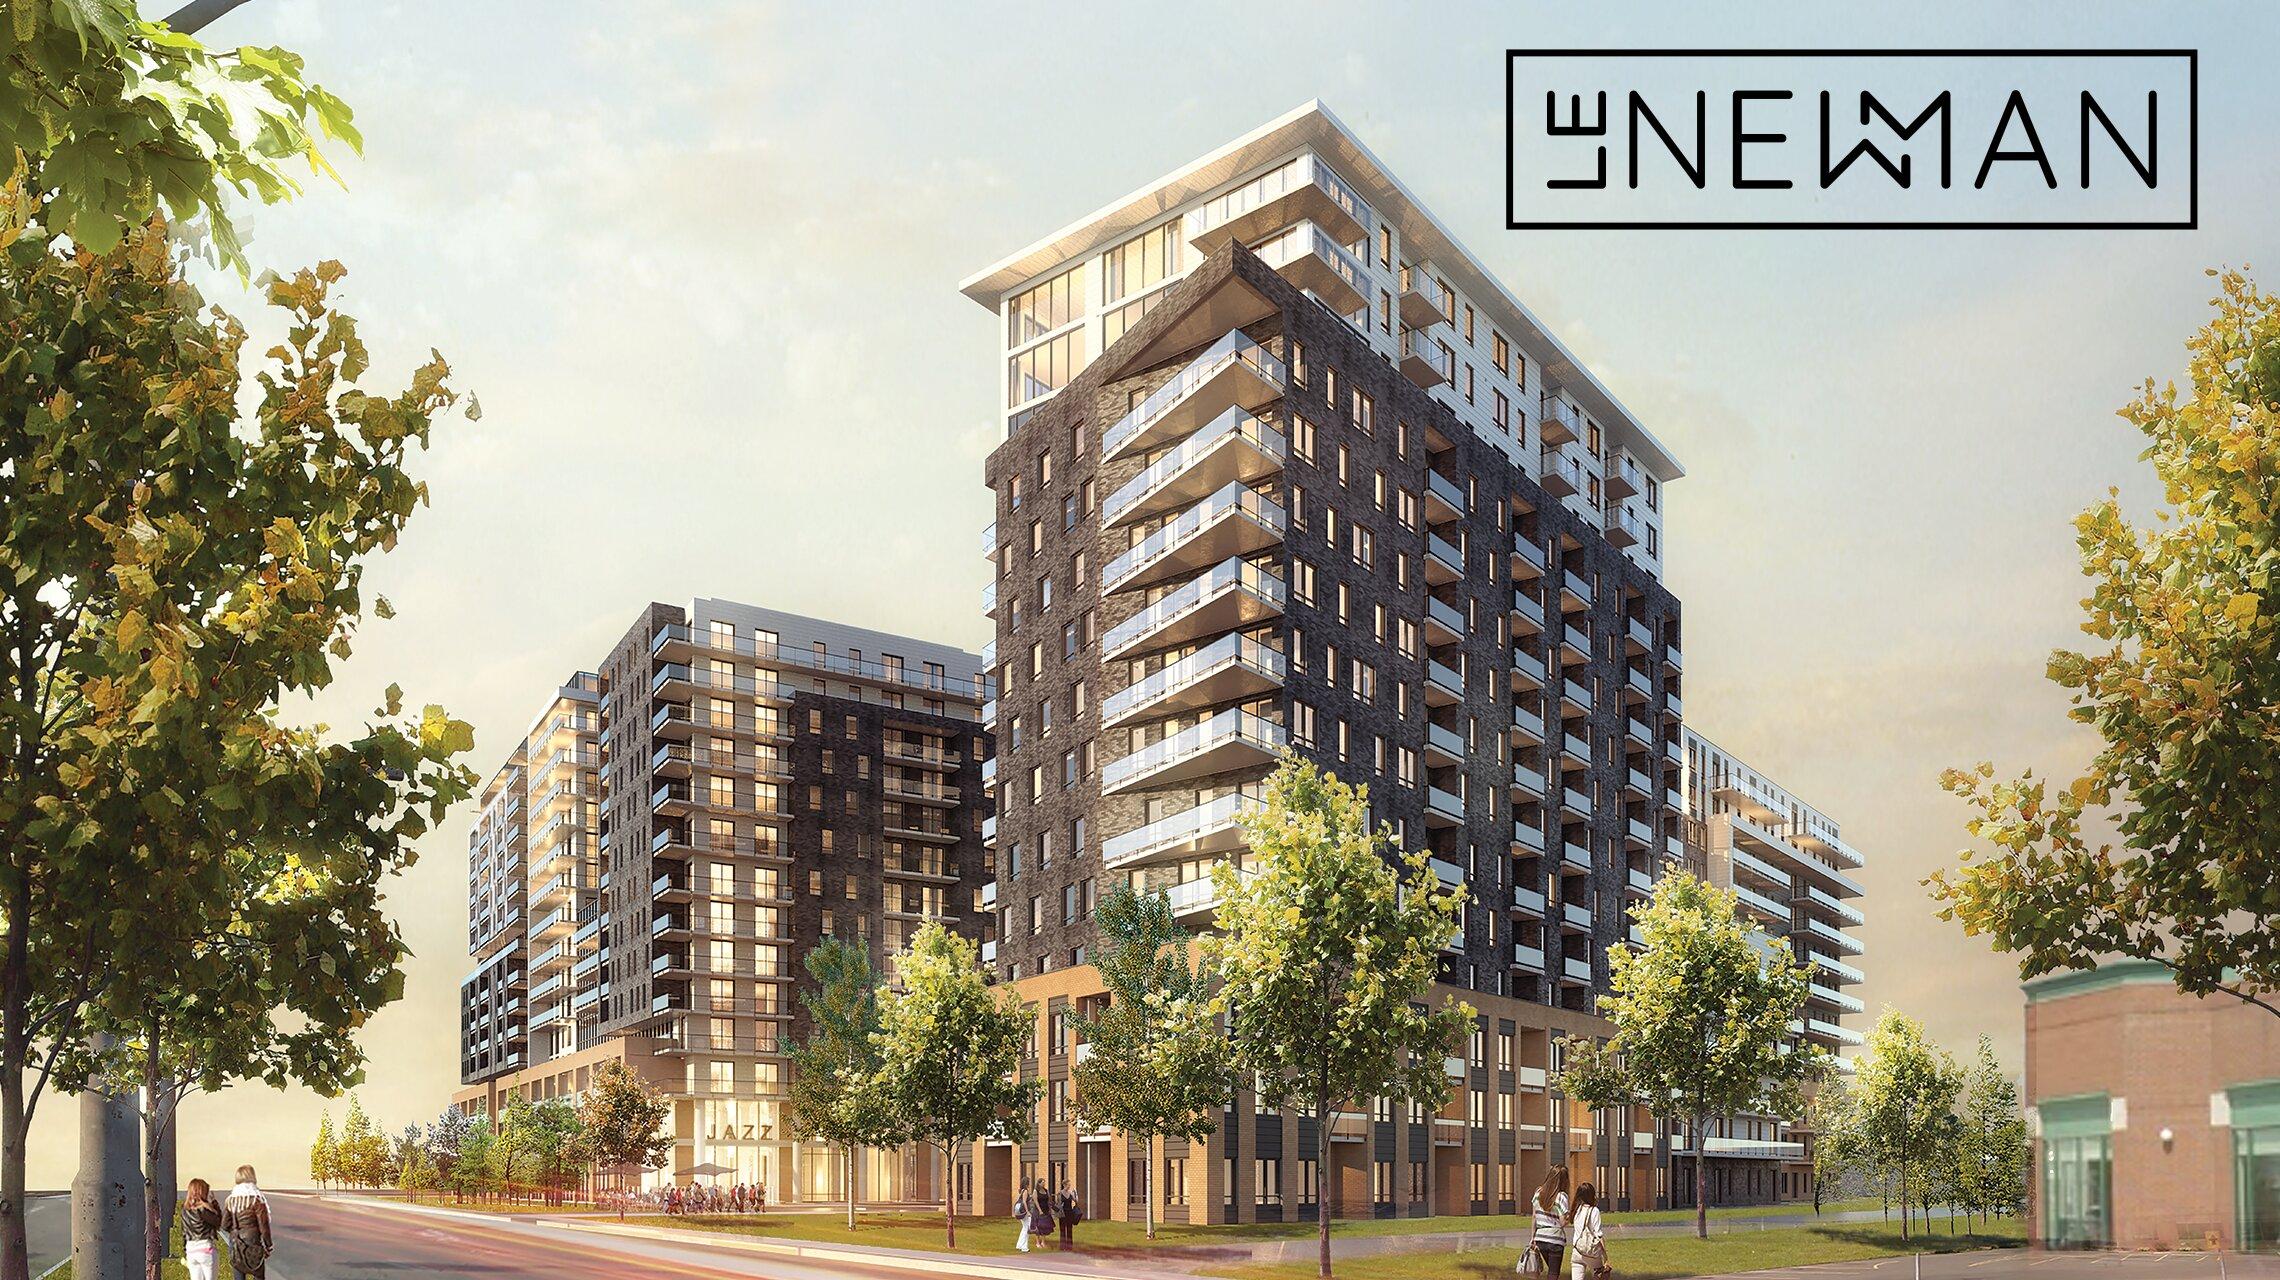 Le Newman condos neufs Montreal Lasalle